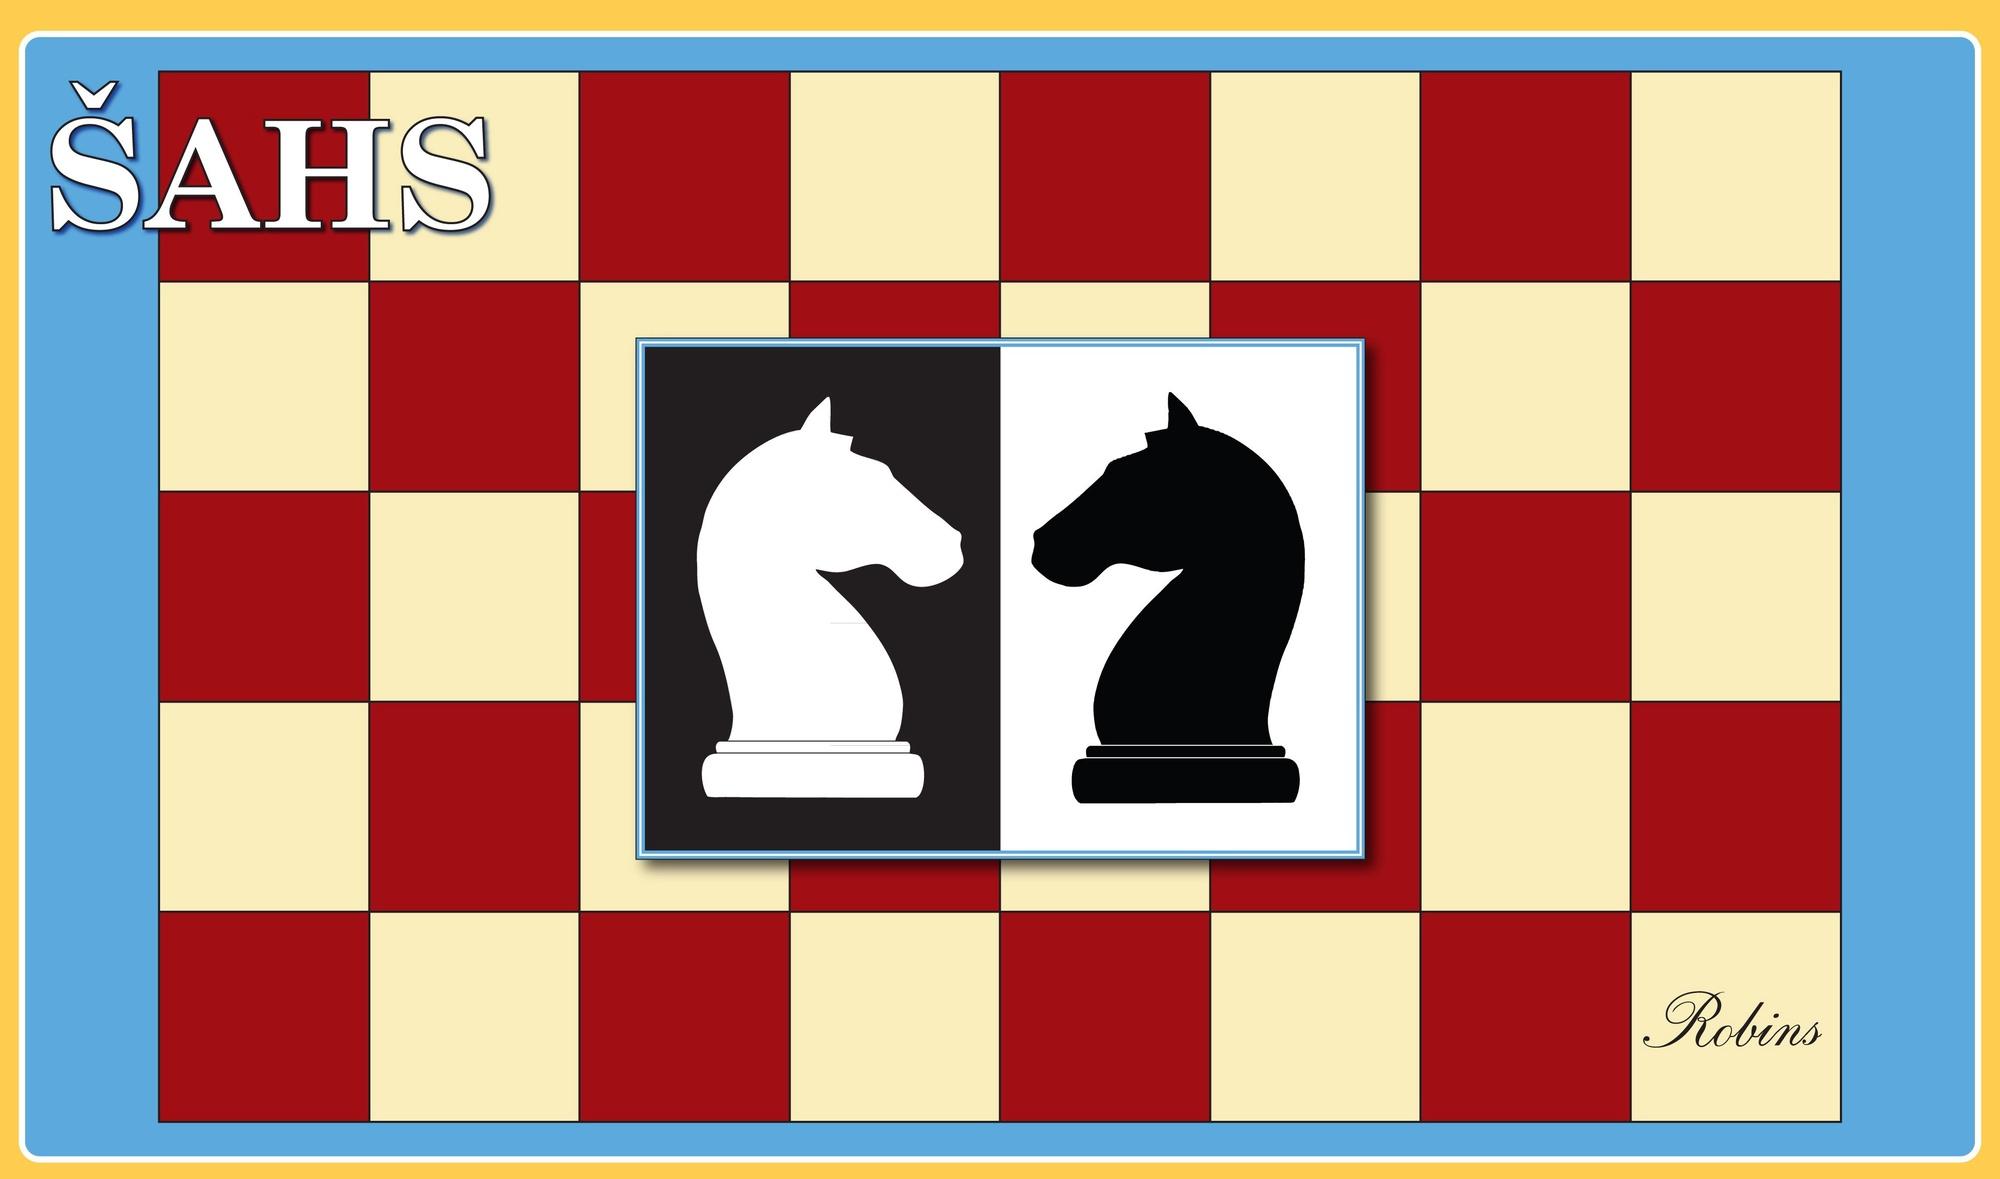 3fed0c1f799 Robins Šahs - Krauta.ee